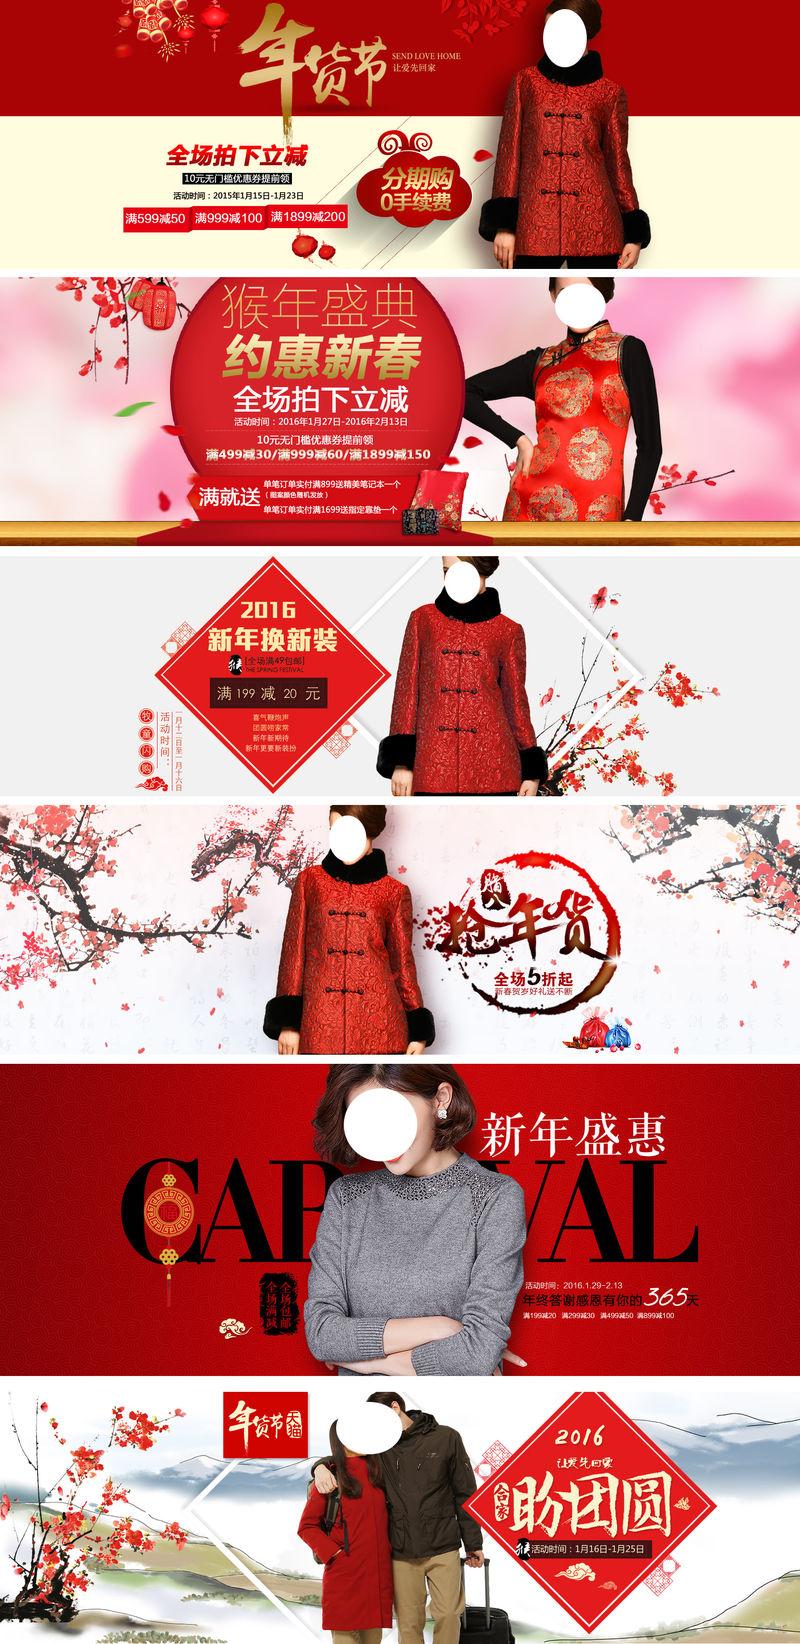 淘宝天猫红色节日活动海报图片